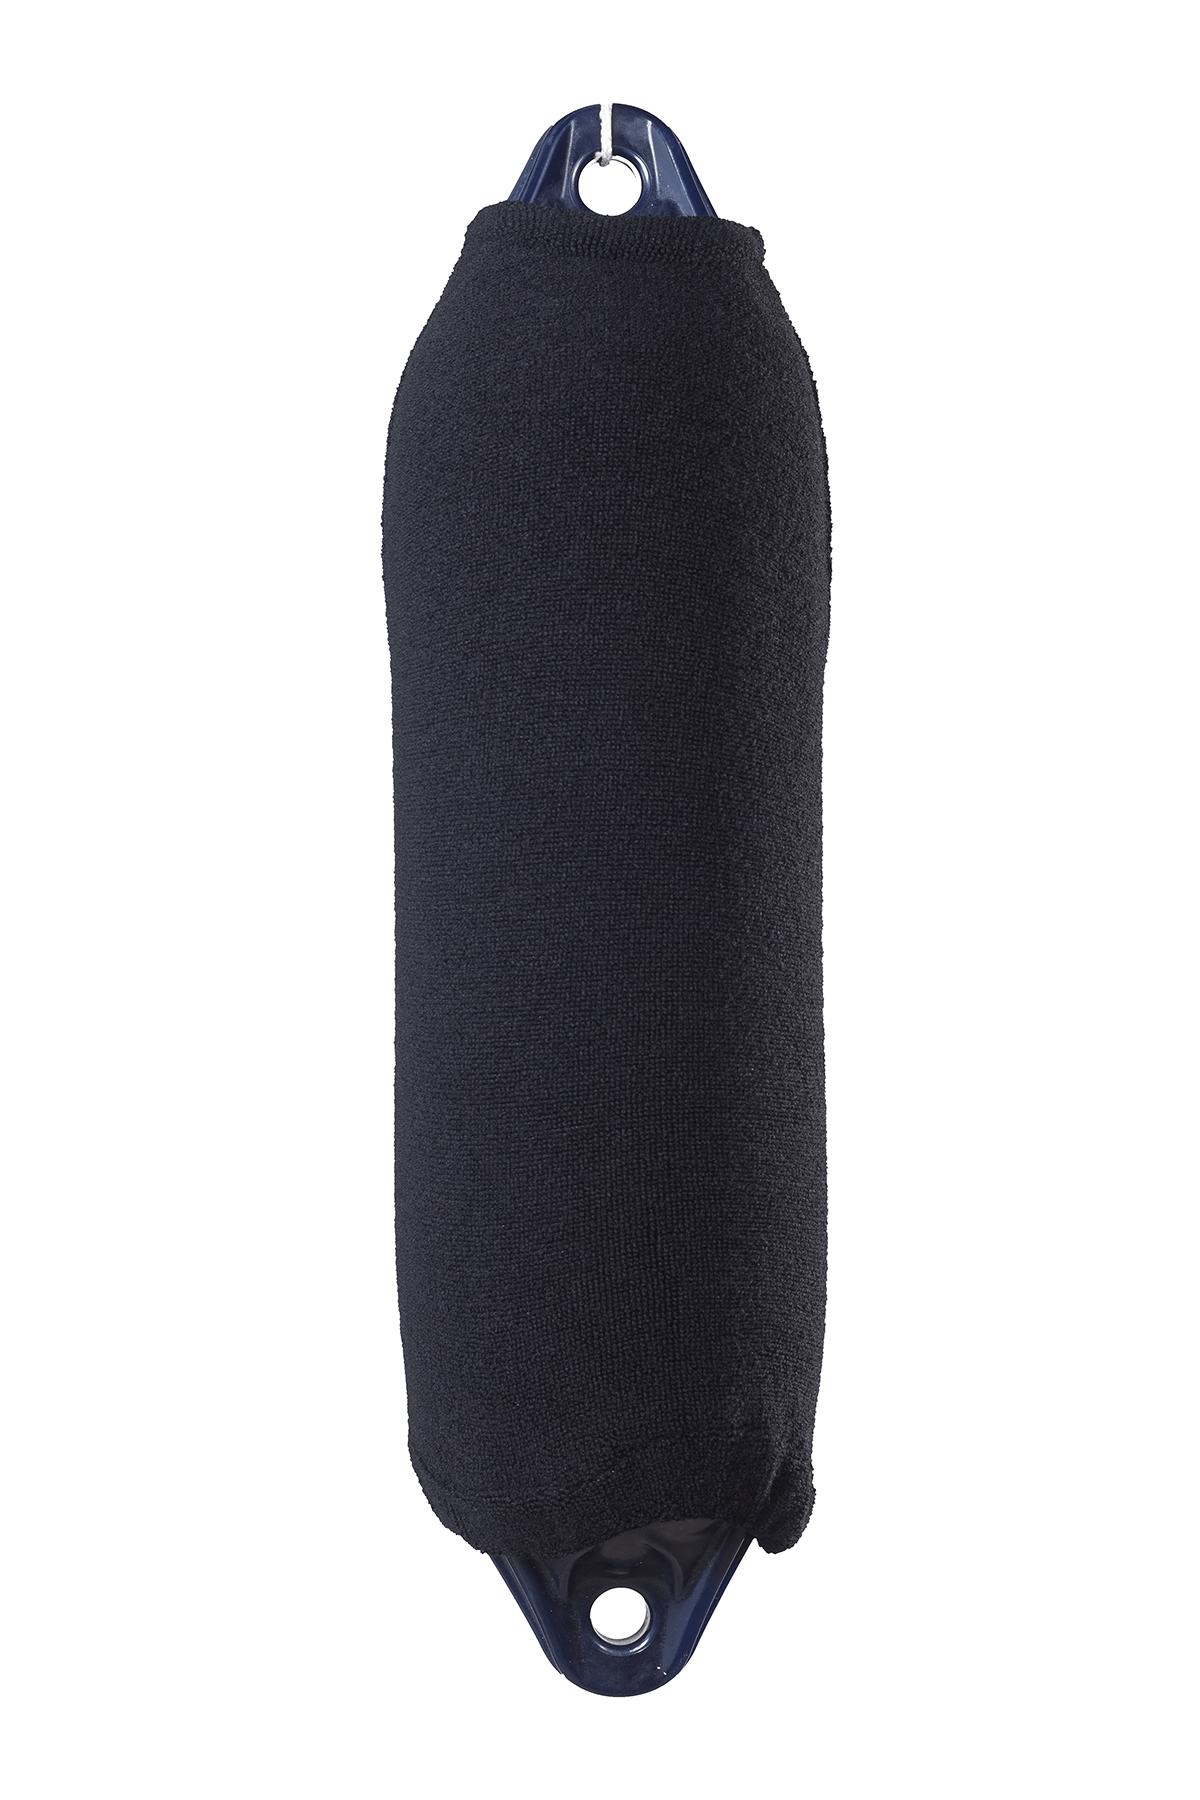 27.26 - Καλύμματα Μακρόστενων Μπαλονιών 76cm Χρώματος Μαύρου - Σετ Των 2 Τεμαχίων